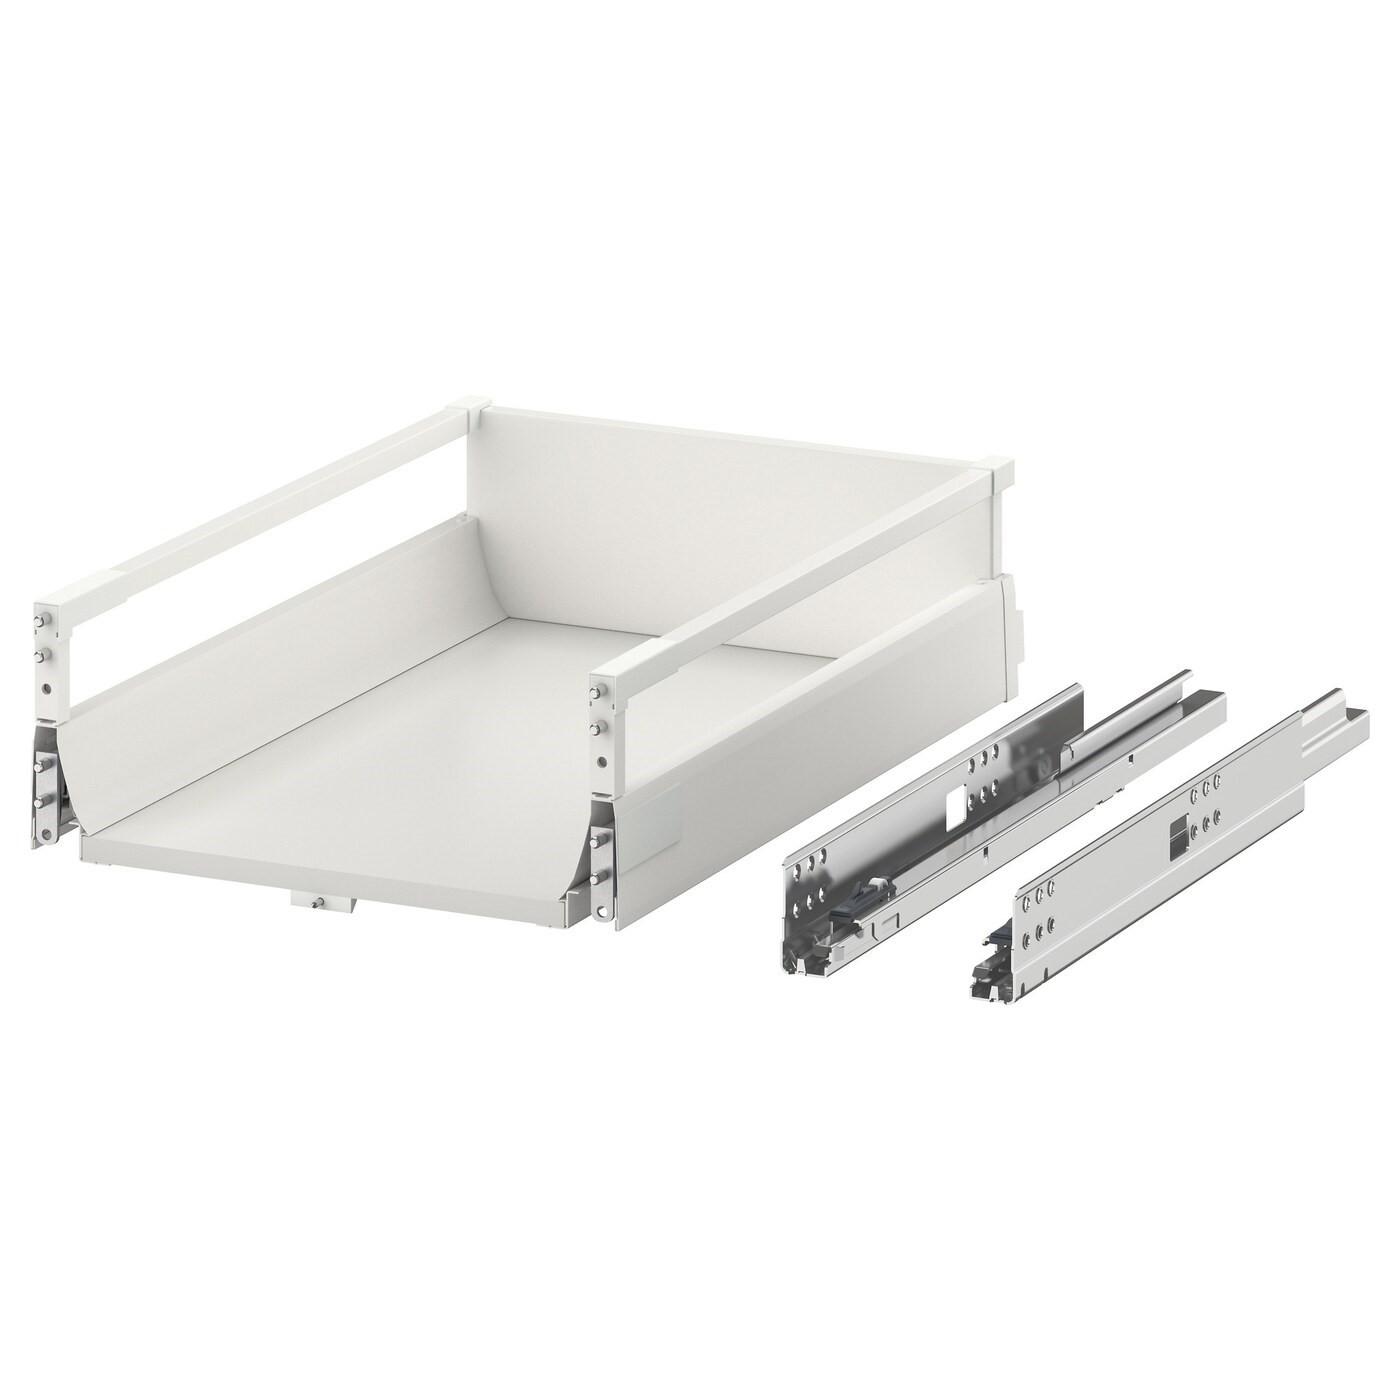 IKEA МАКСИМЕРА Выдвижной ящик, средний, белый, 40x60 см 402.214.48